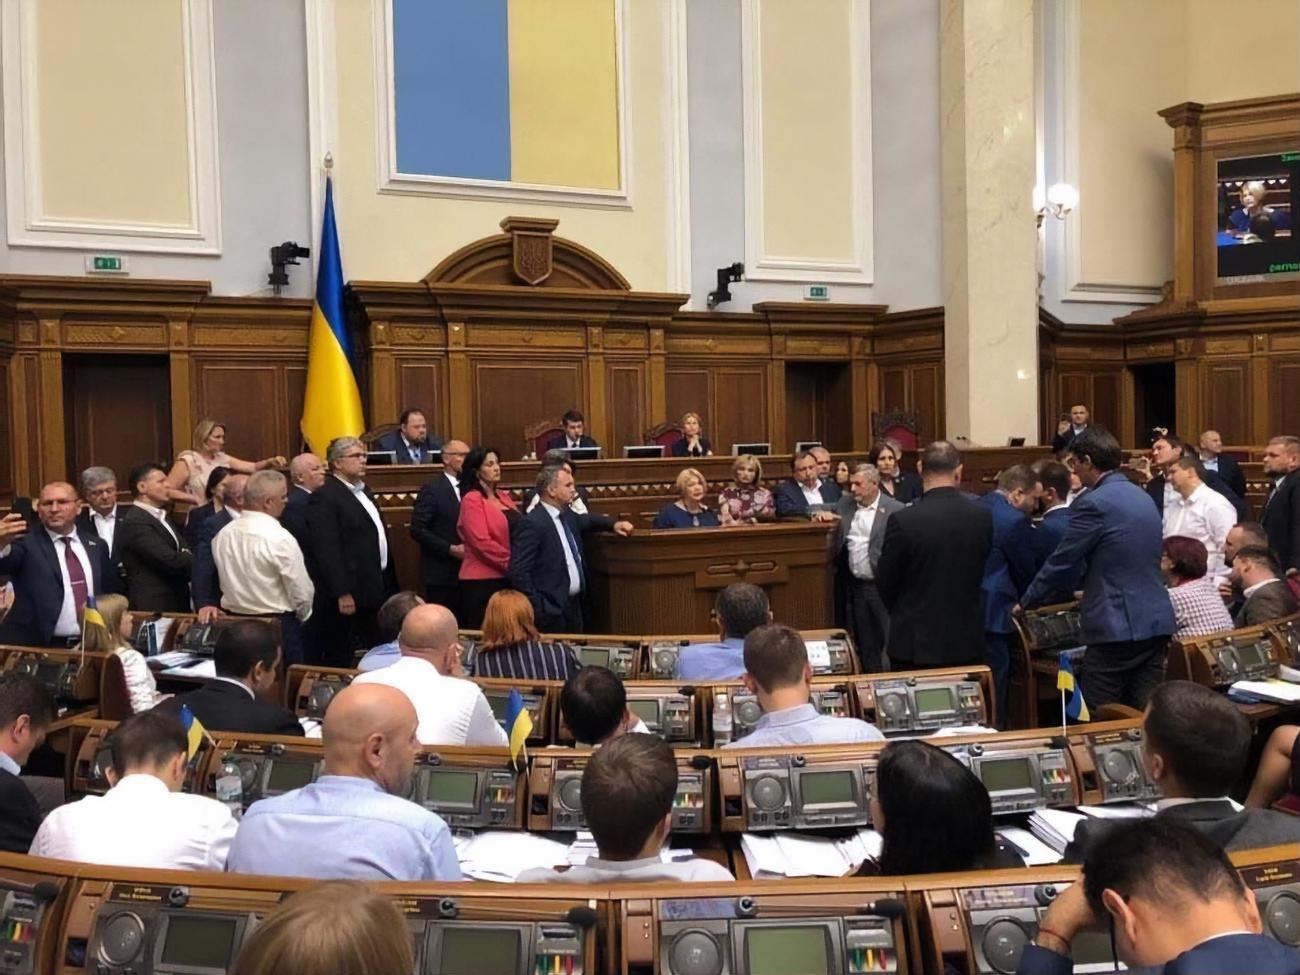 Геращенко сообщила, что ее вызывают в комитет по этике за высказывания